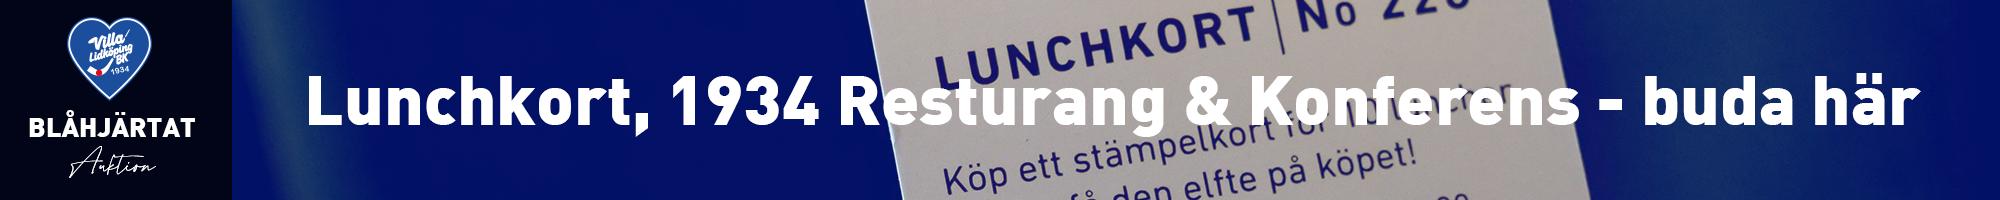 banner lunchkort